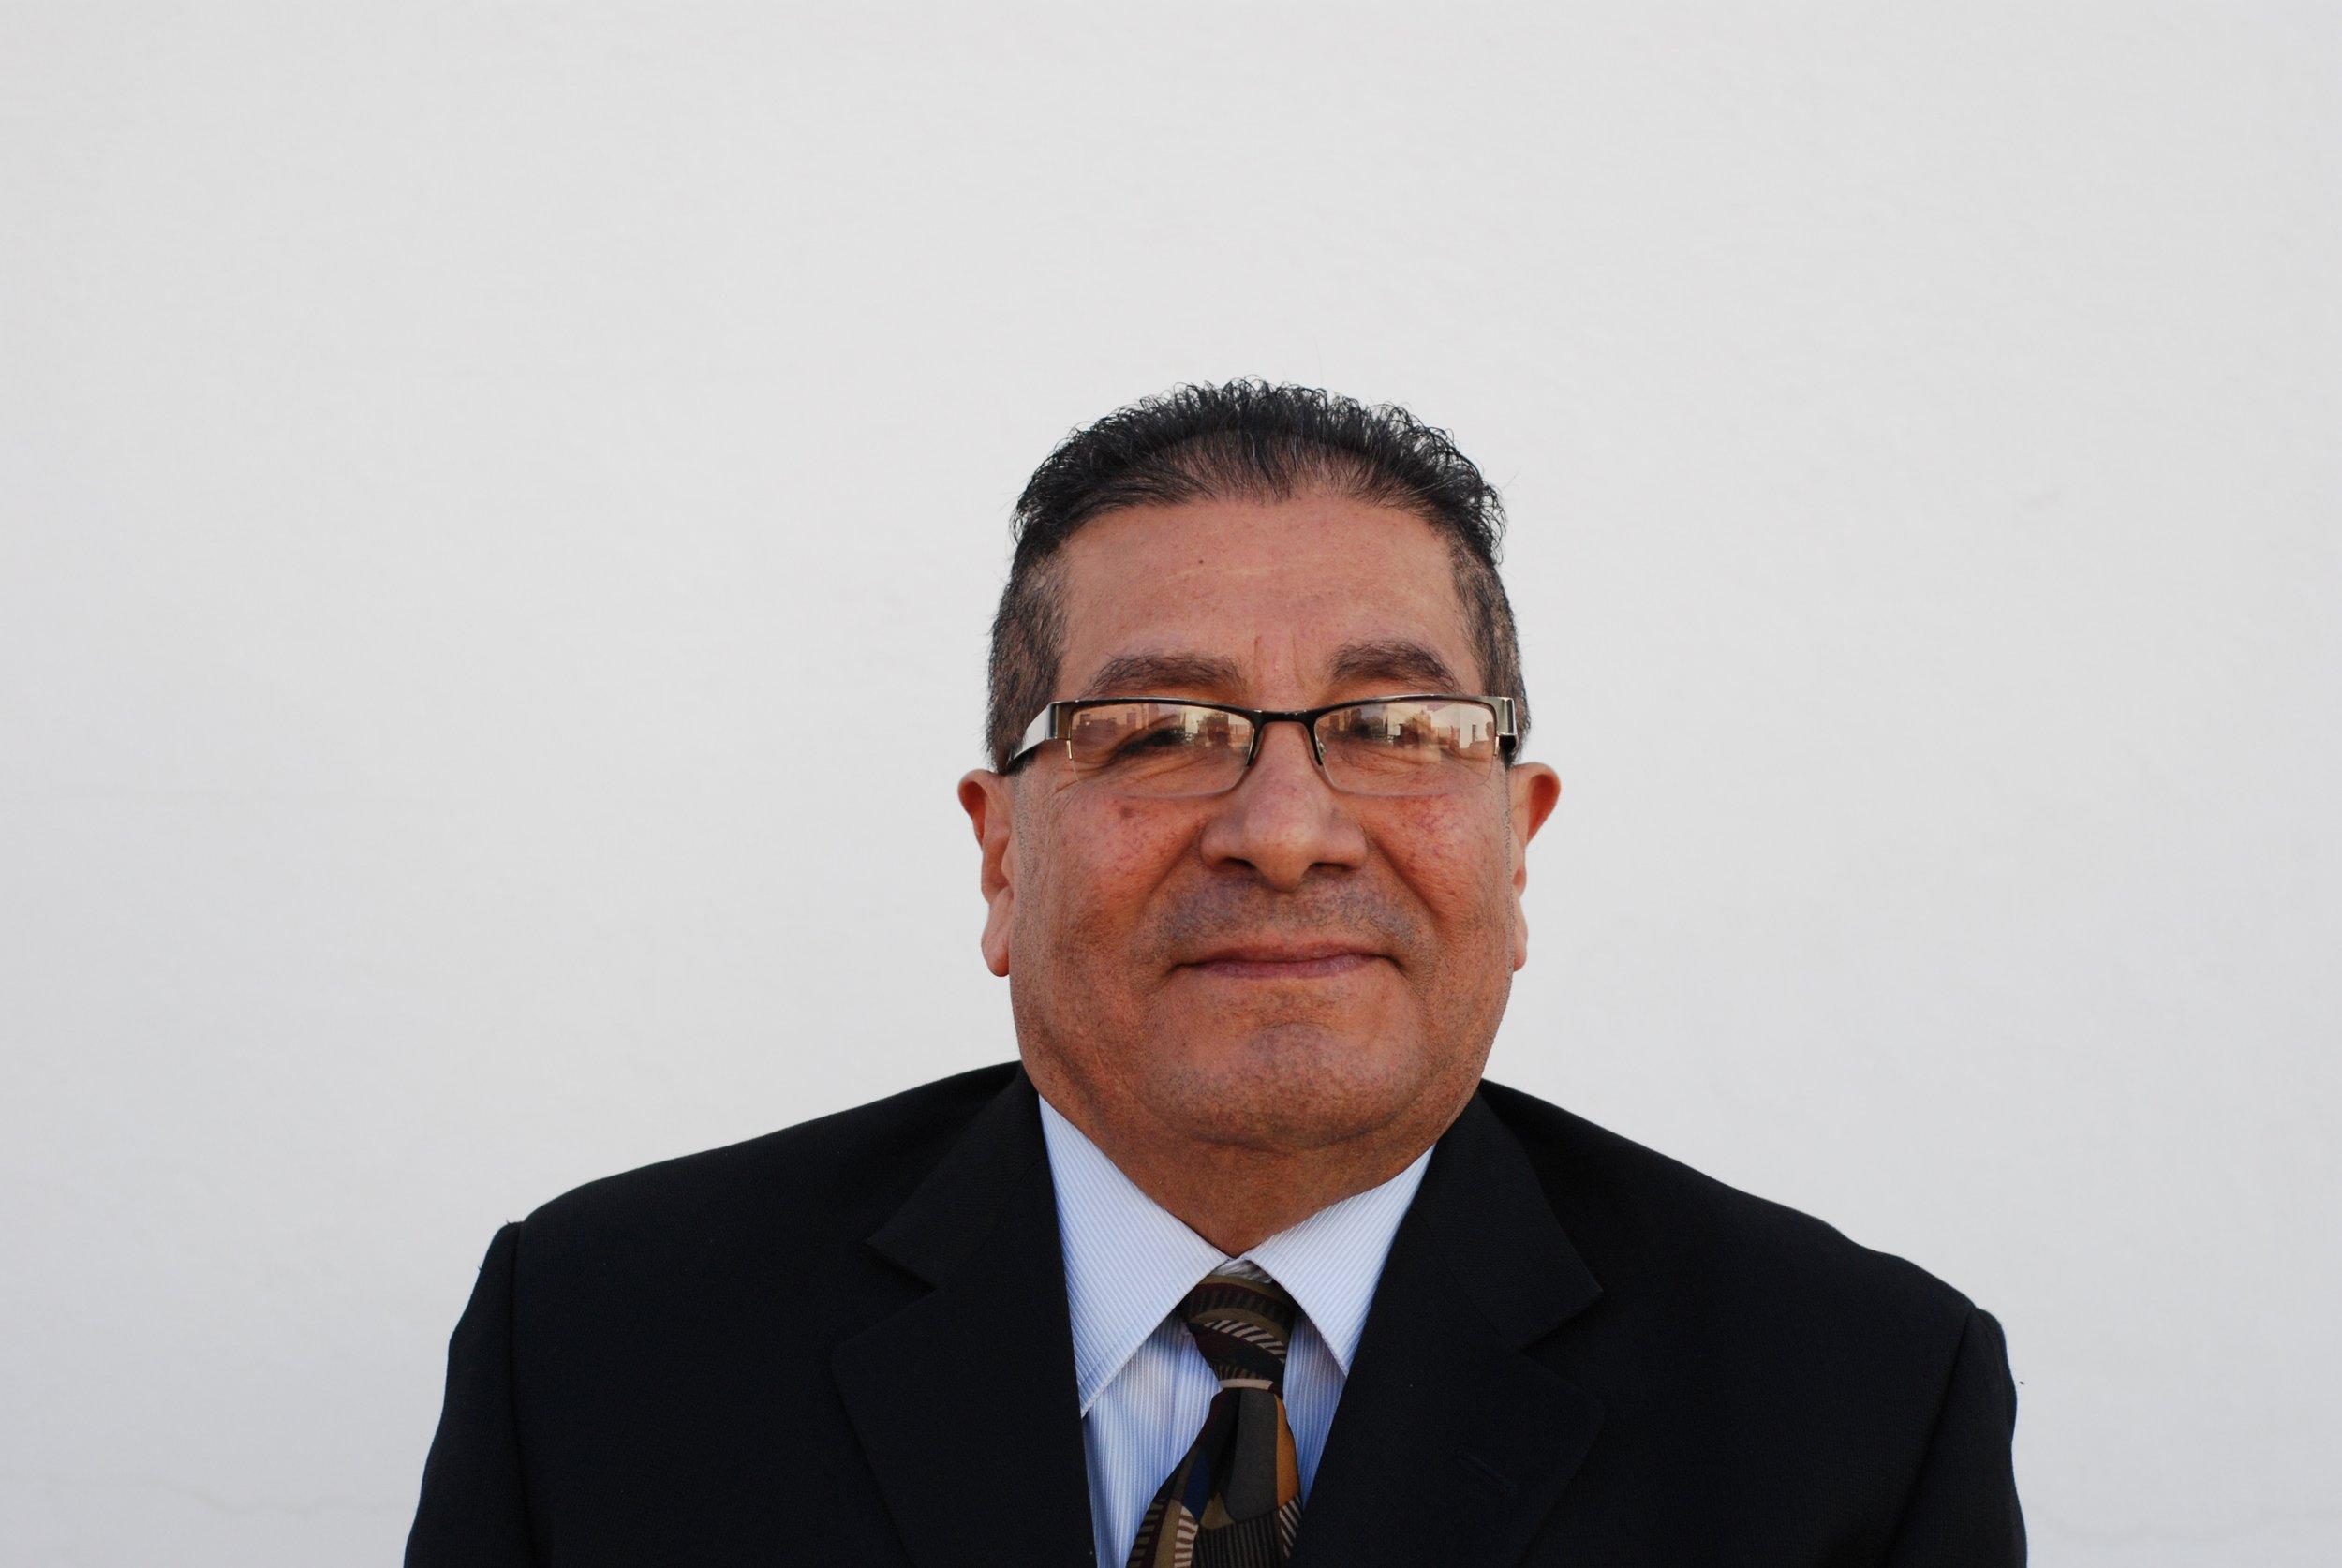 Juan Perez Medrano